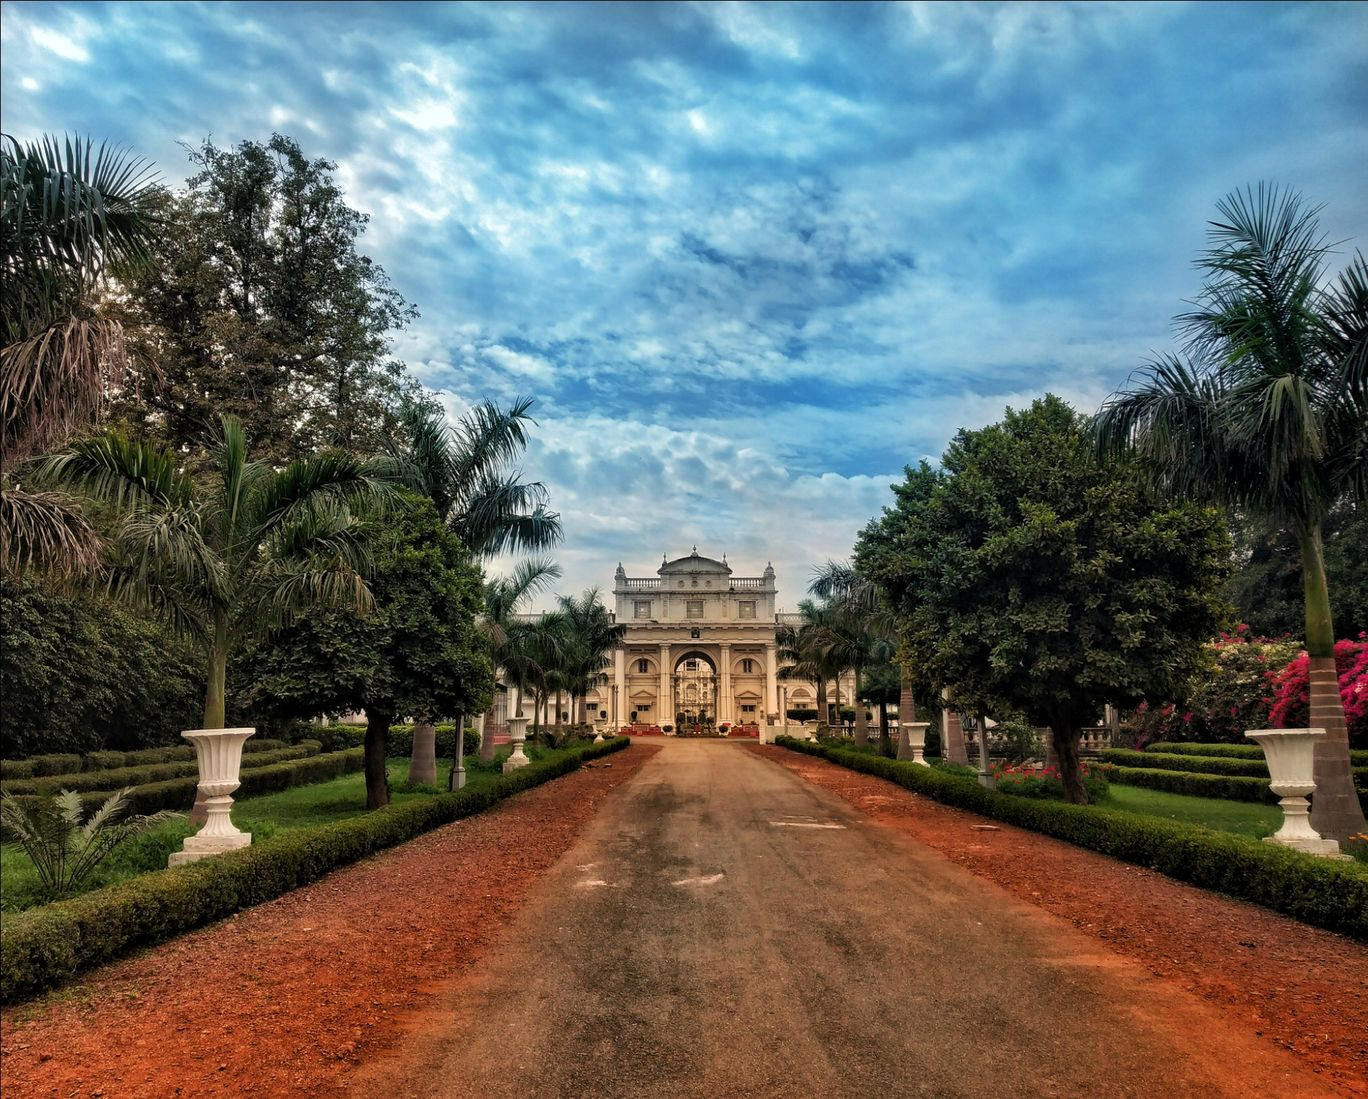 Photo of Jai Vilas Palace By Ankit Aggarwal